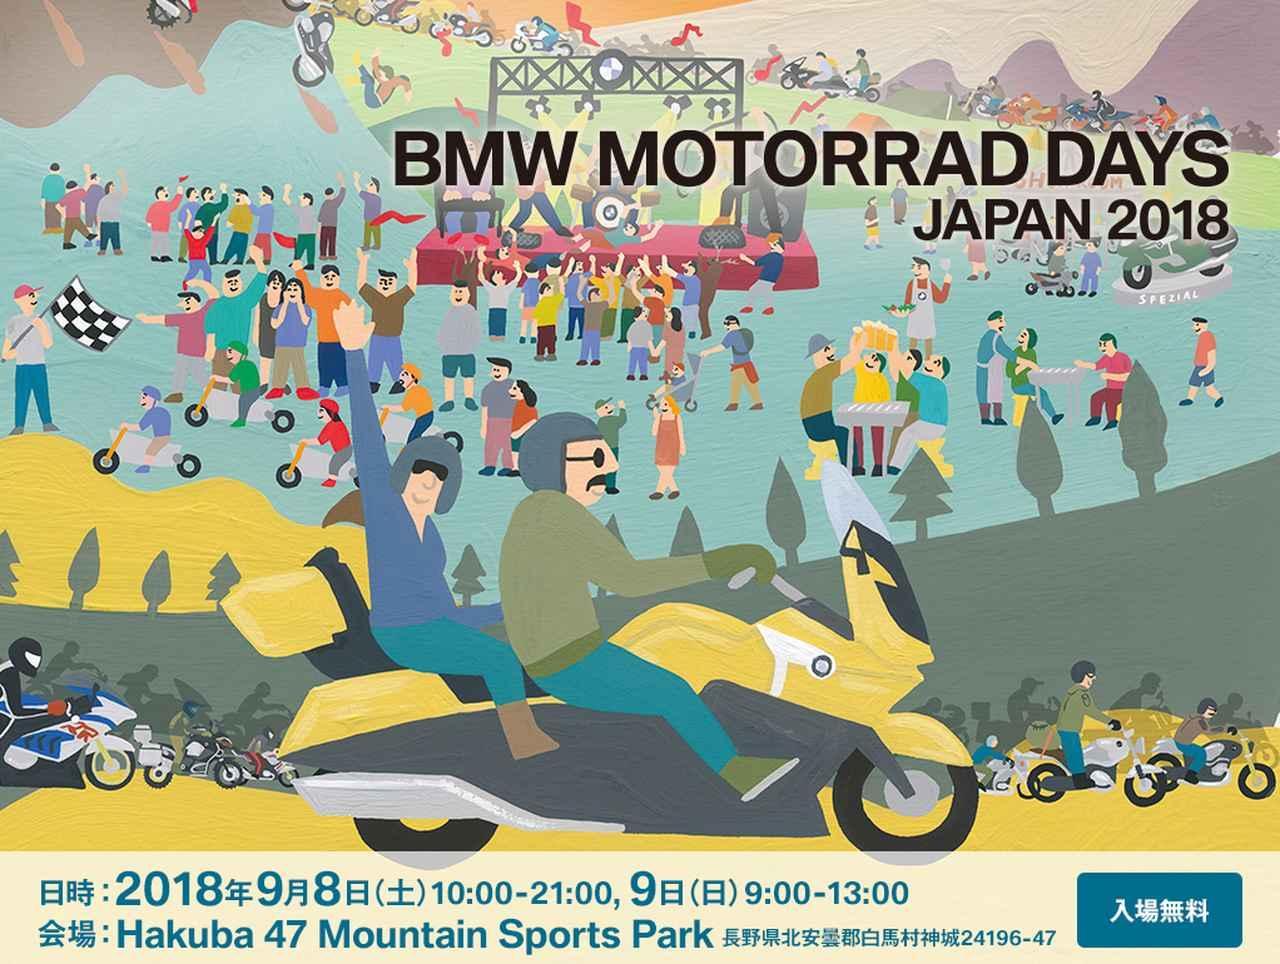 画像1: 「BMW MOTORRAD DAYS JAPAN 2018」2018年9月8日(土)・10日(日)の2日間開催